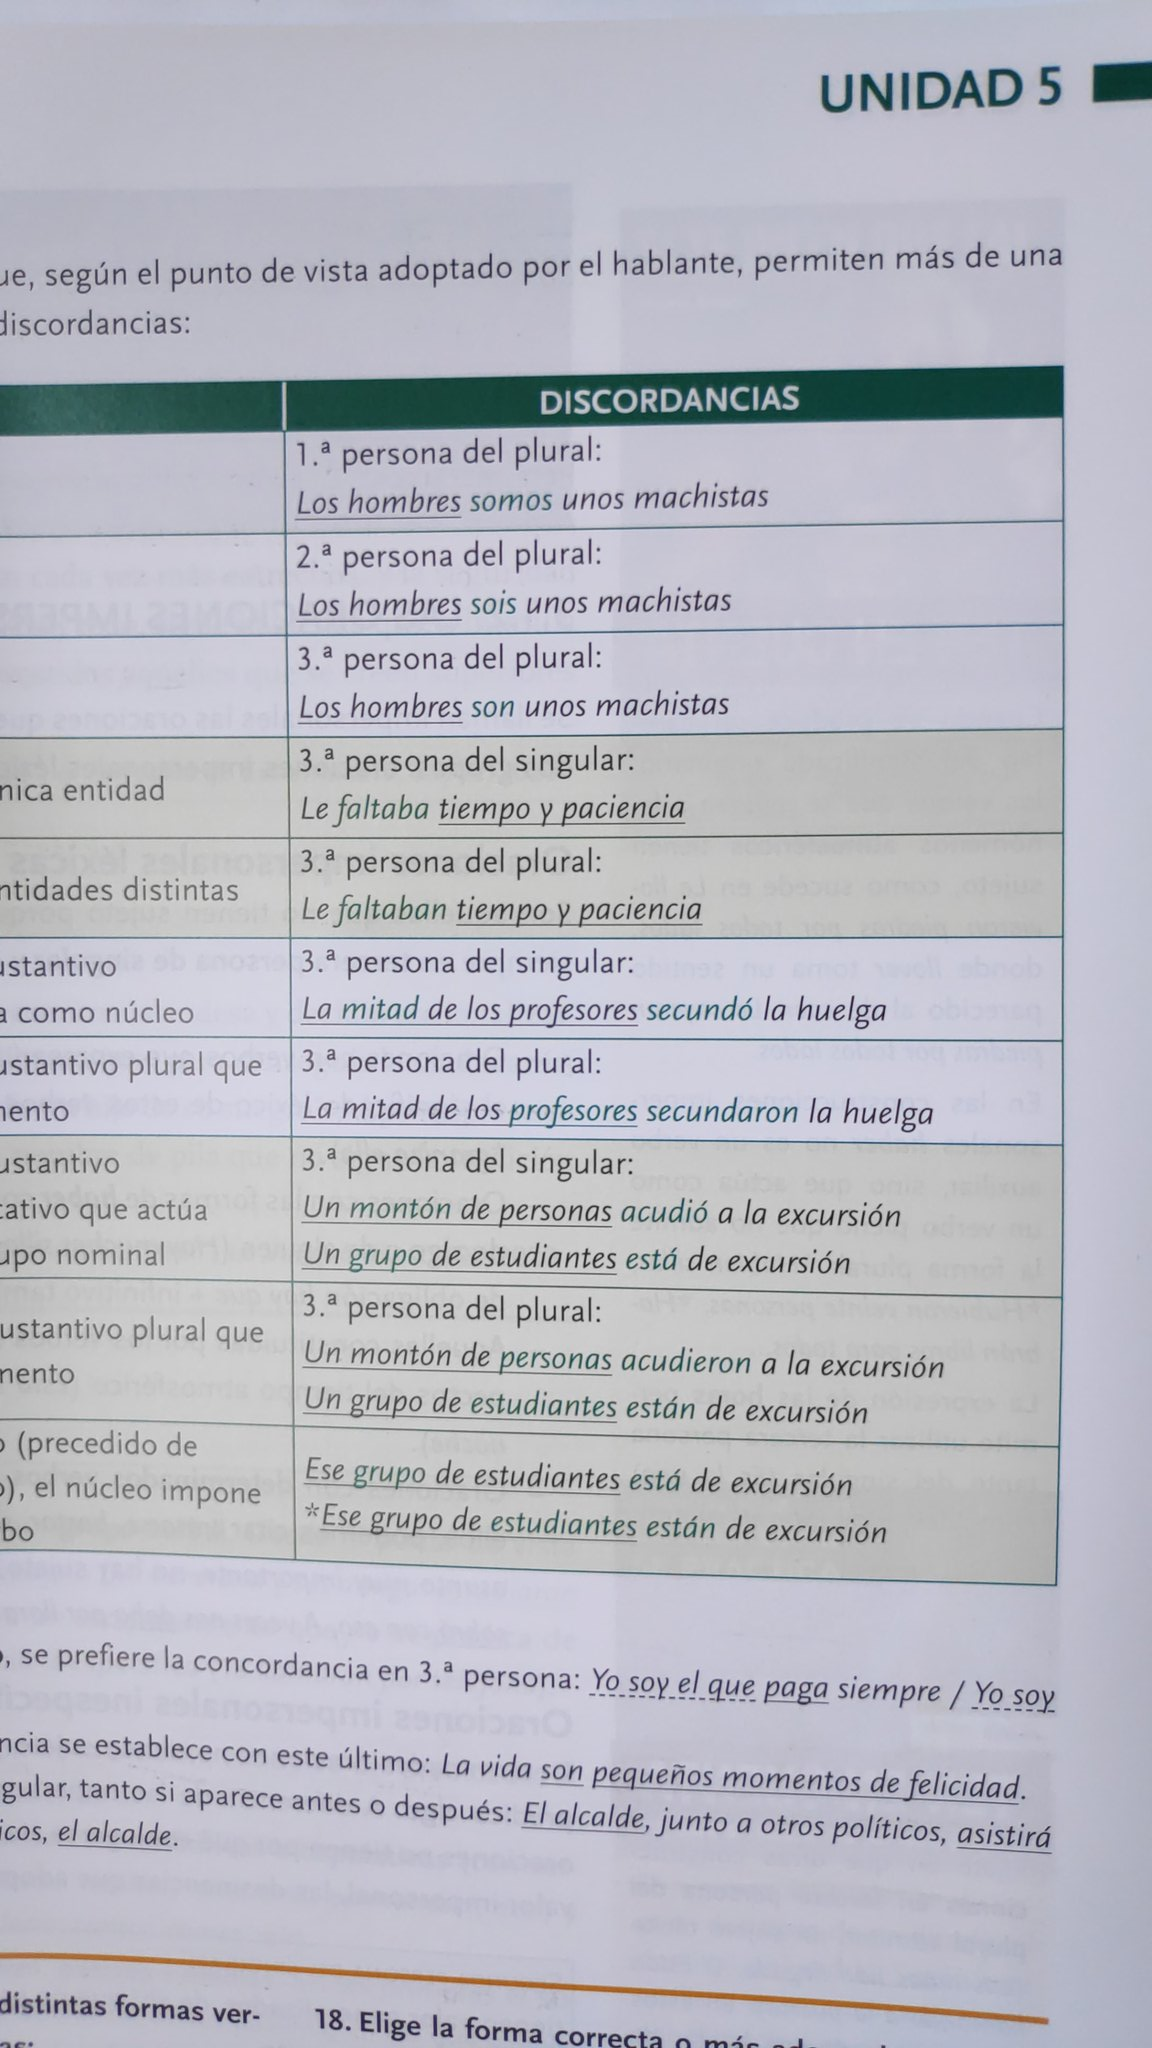 ''Los hombres somos unos machistas'': Libro de Lengua Castellana y Literatura (Proyecto Ítaca Andalucía) de 1° de Bachillerato